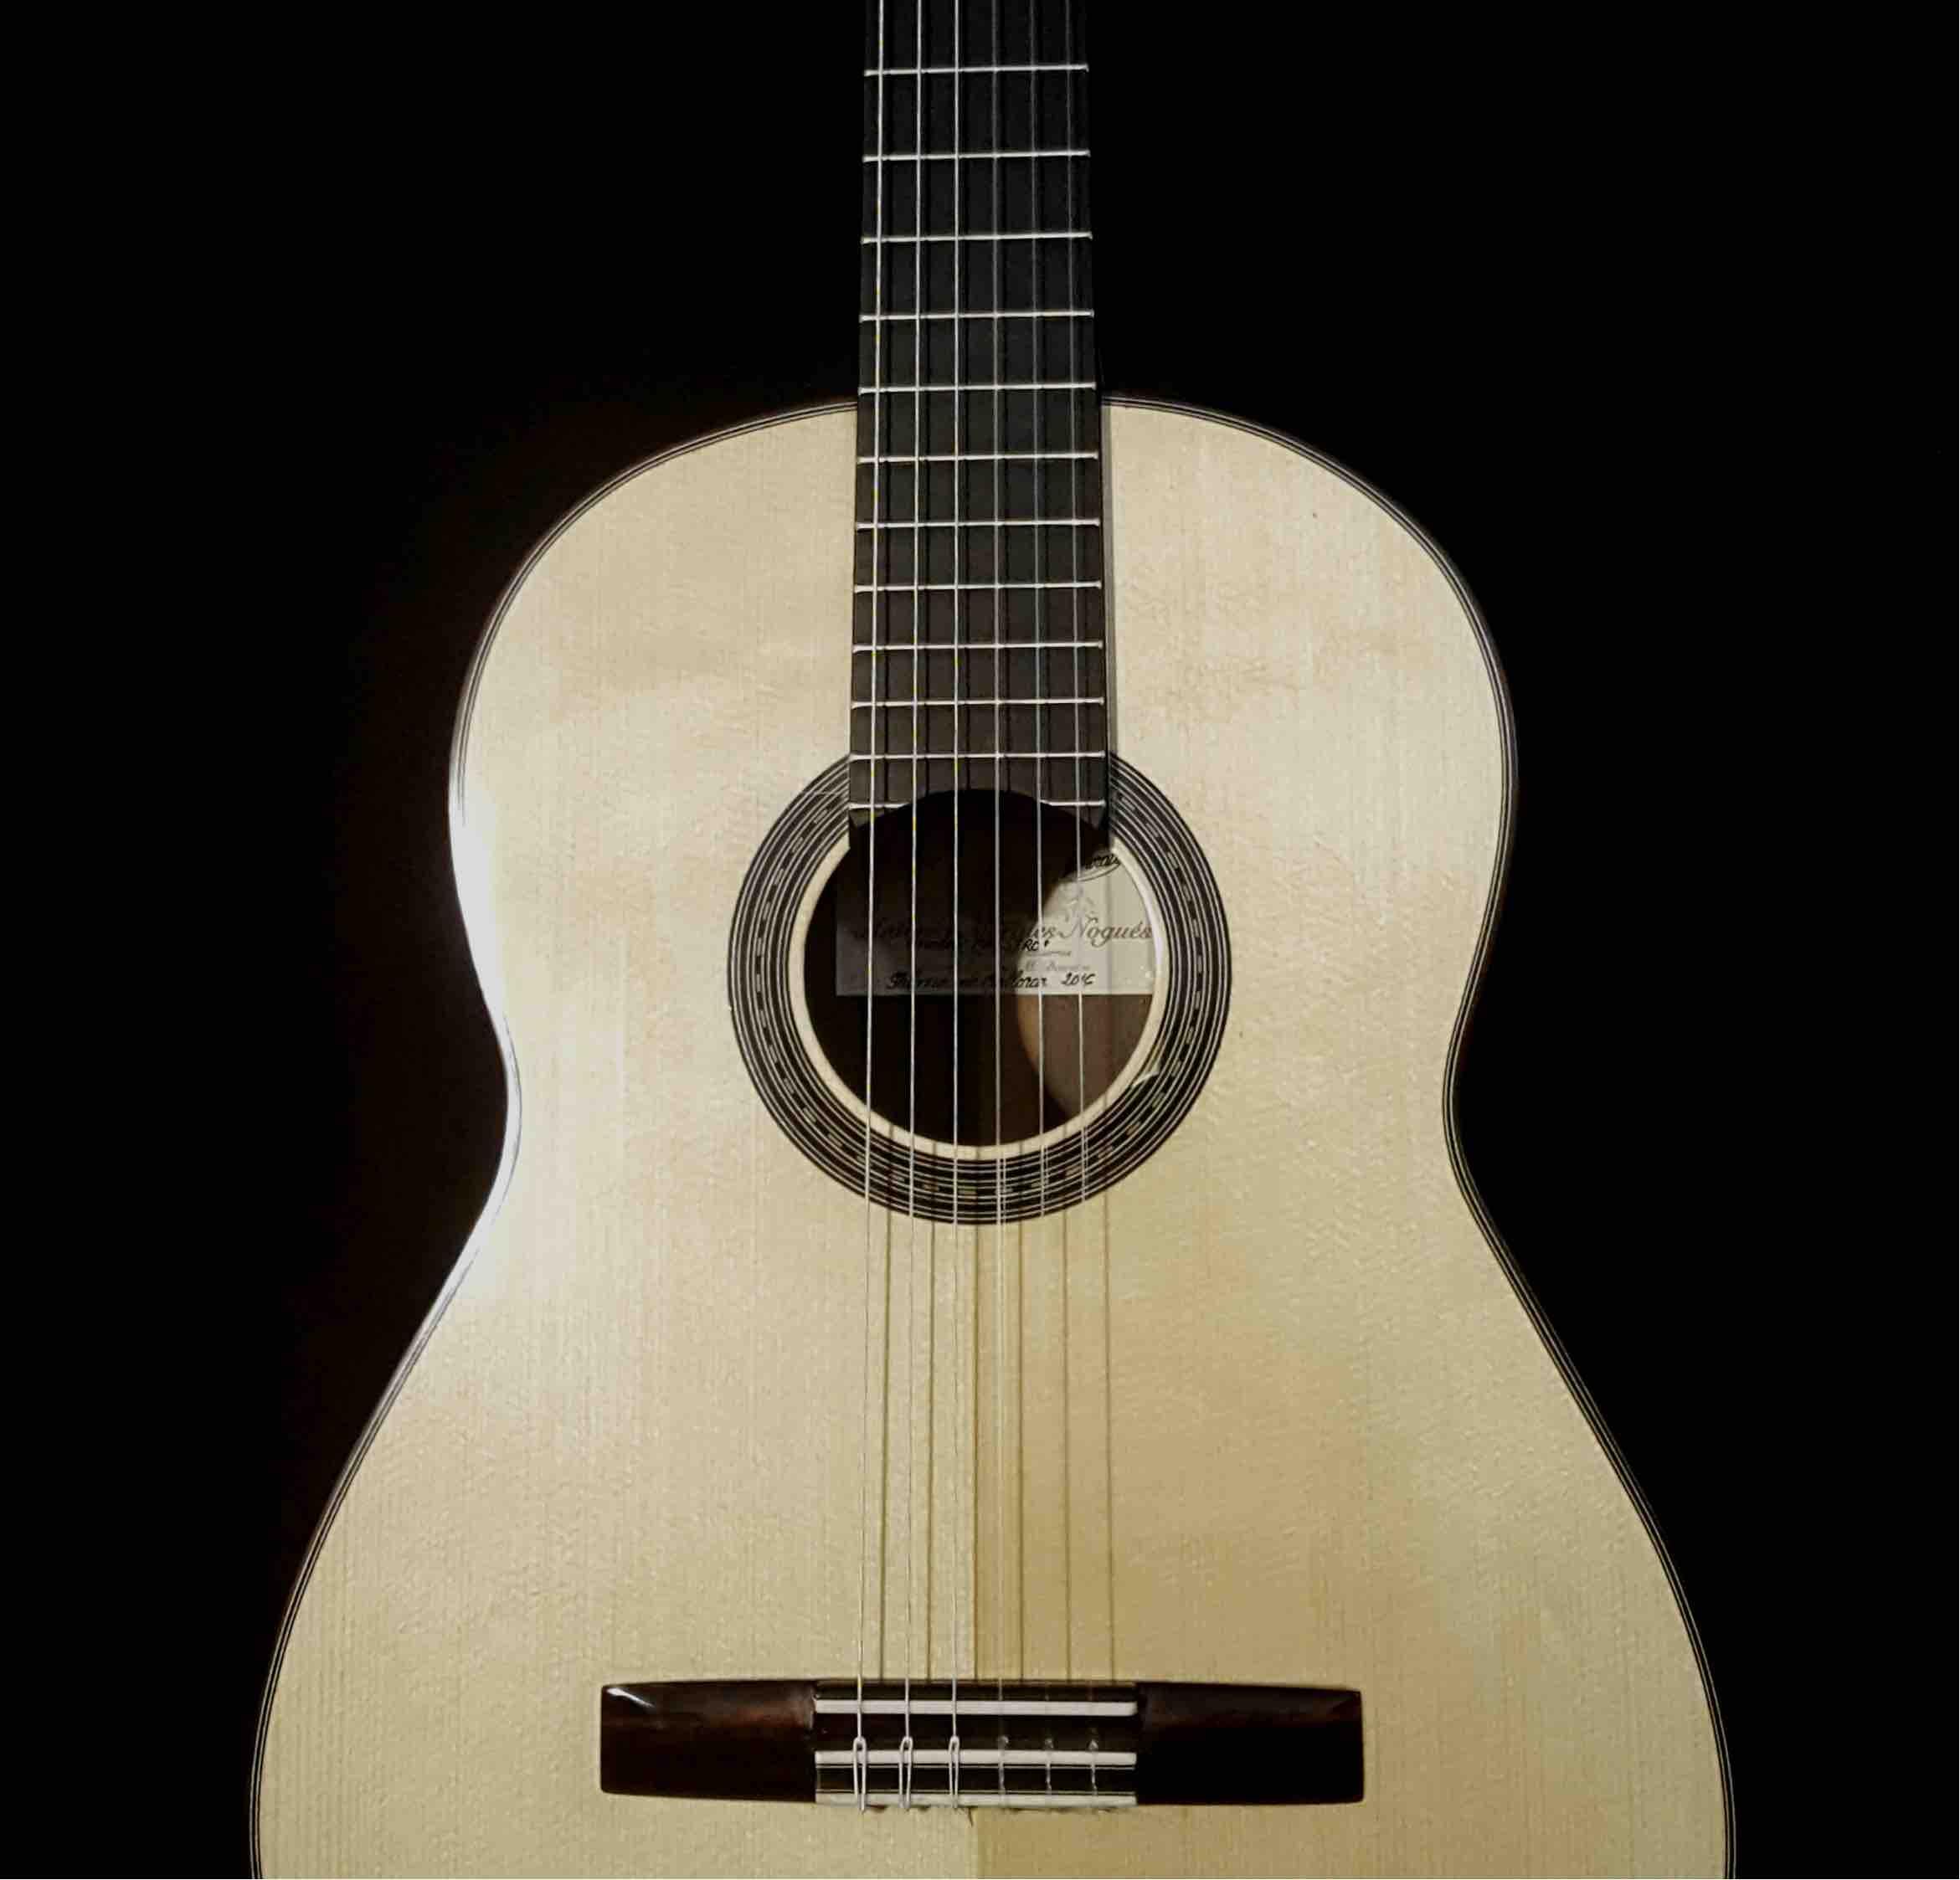 guitarra-espanola-pro